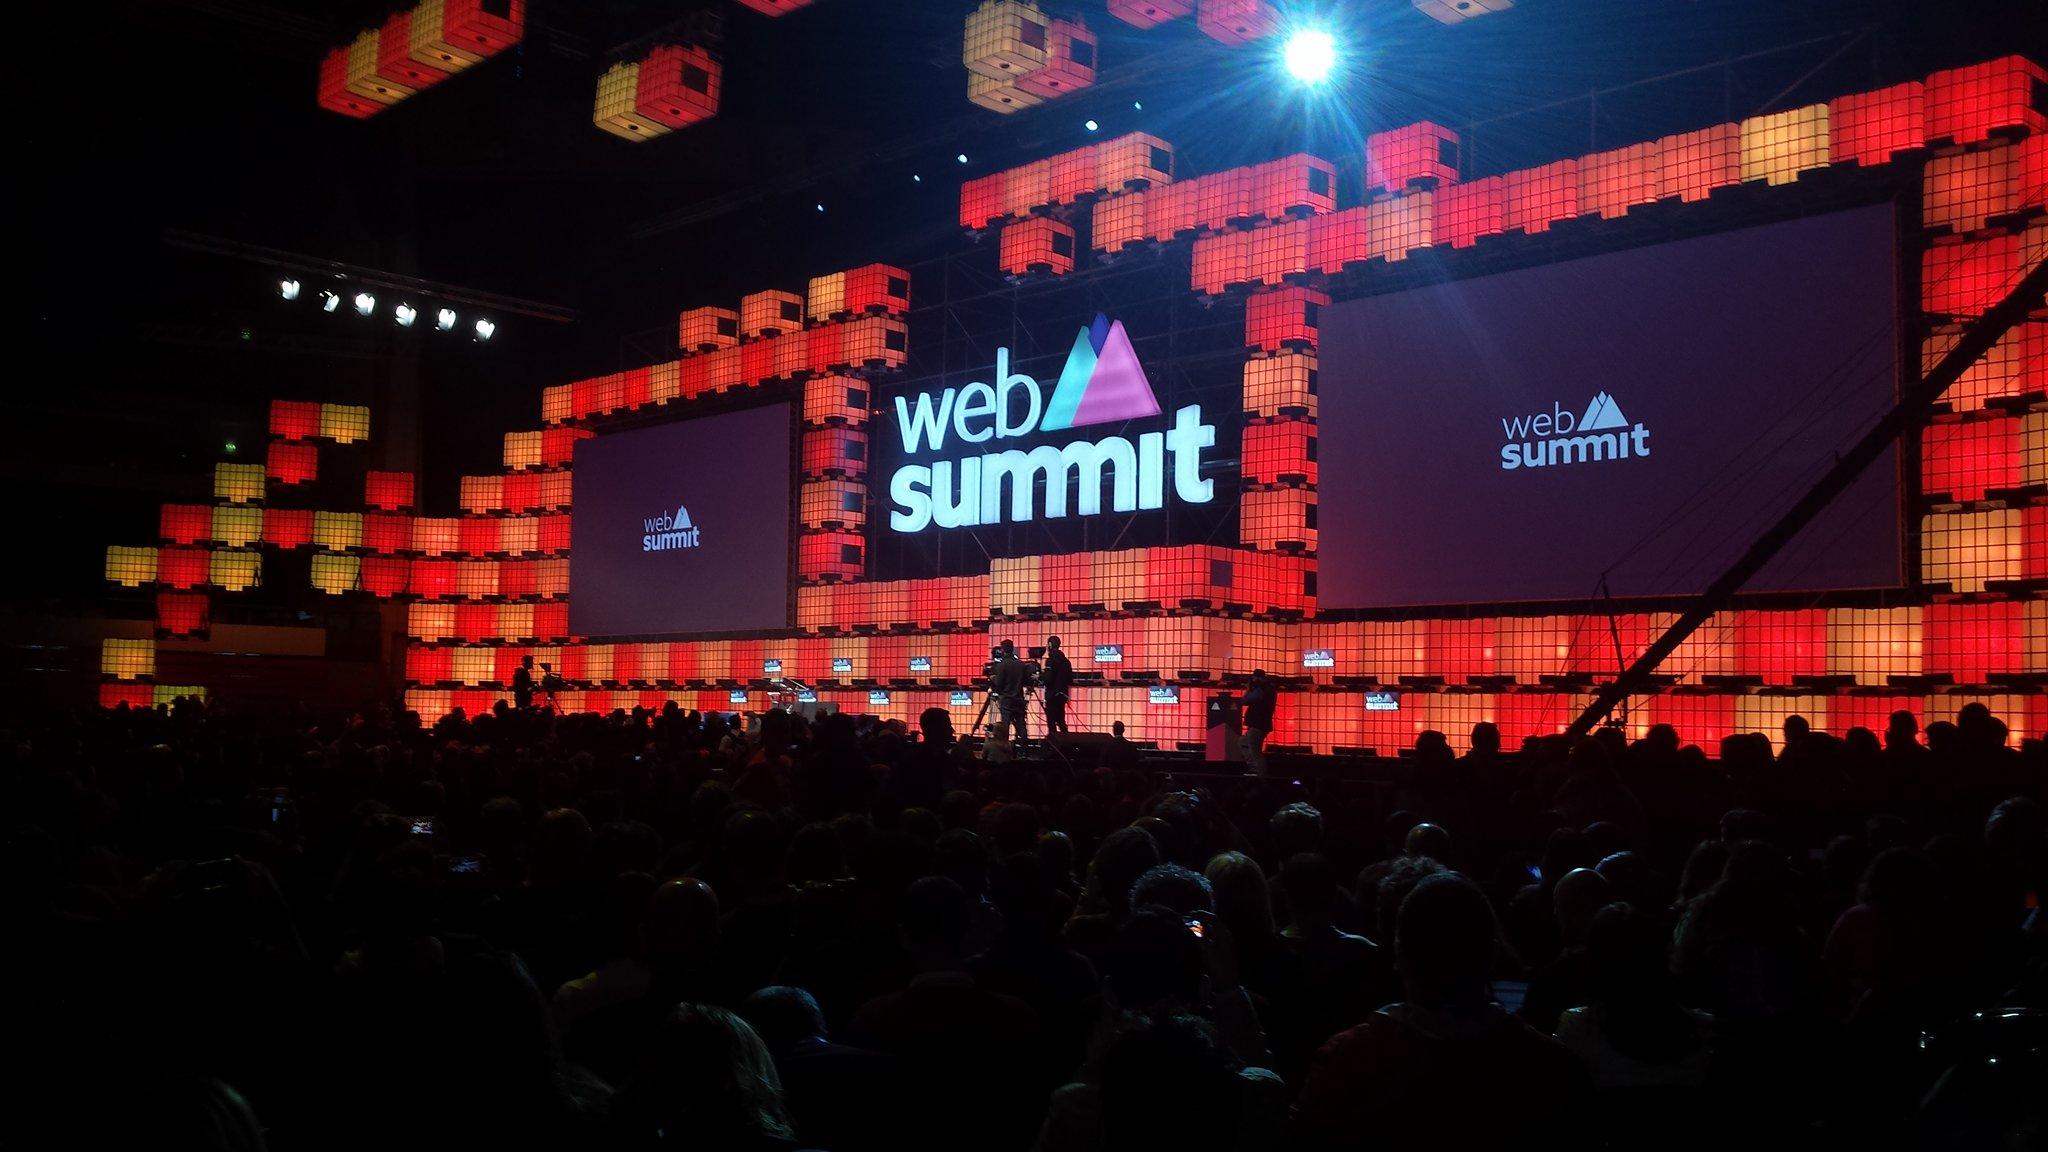 Bilhetes para o Web Summit 2017 a metade do preço